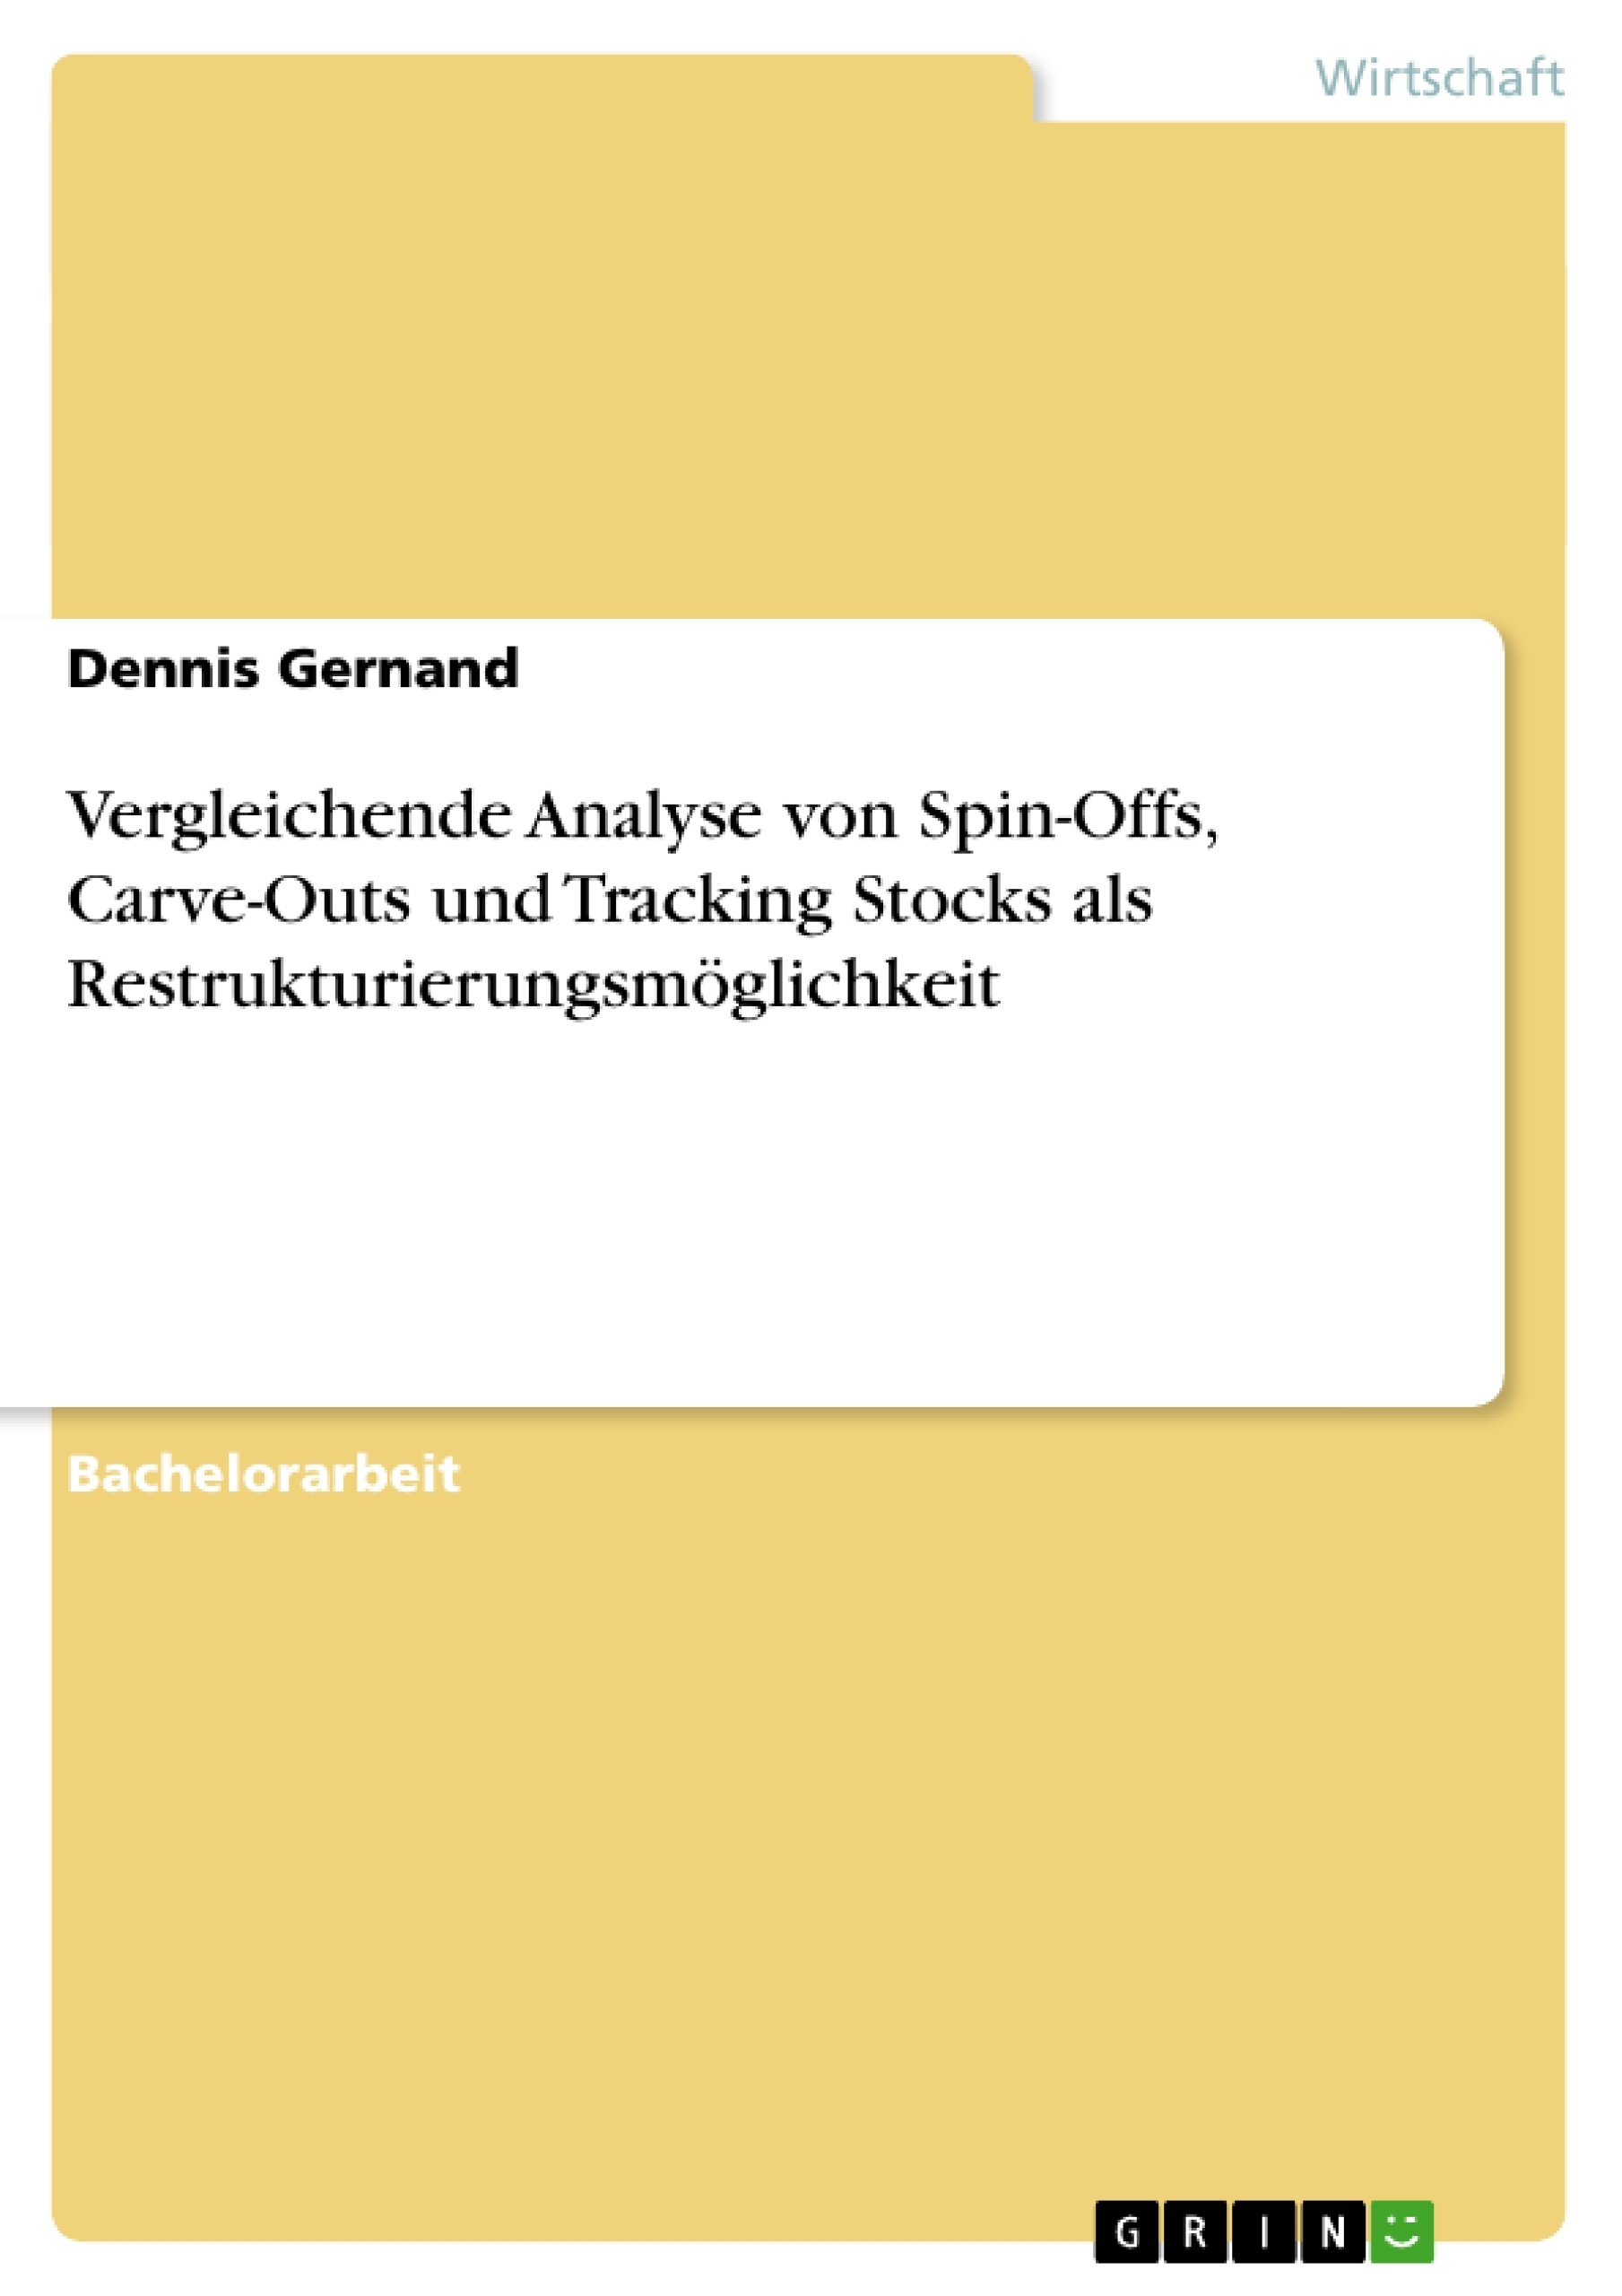 Titel: Vergleichende Analyse von Spin-Offs, Carve-Outs und Tracking Stocks als Restrukturierungsmöglichkeit